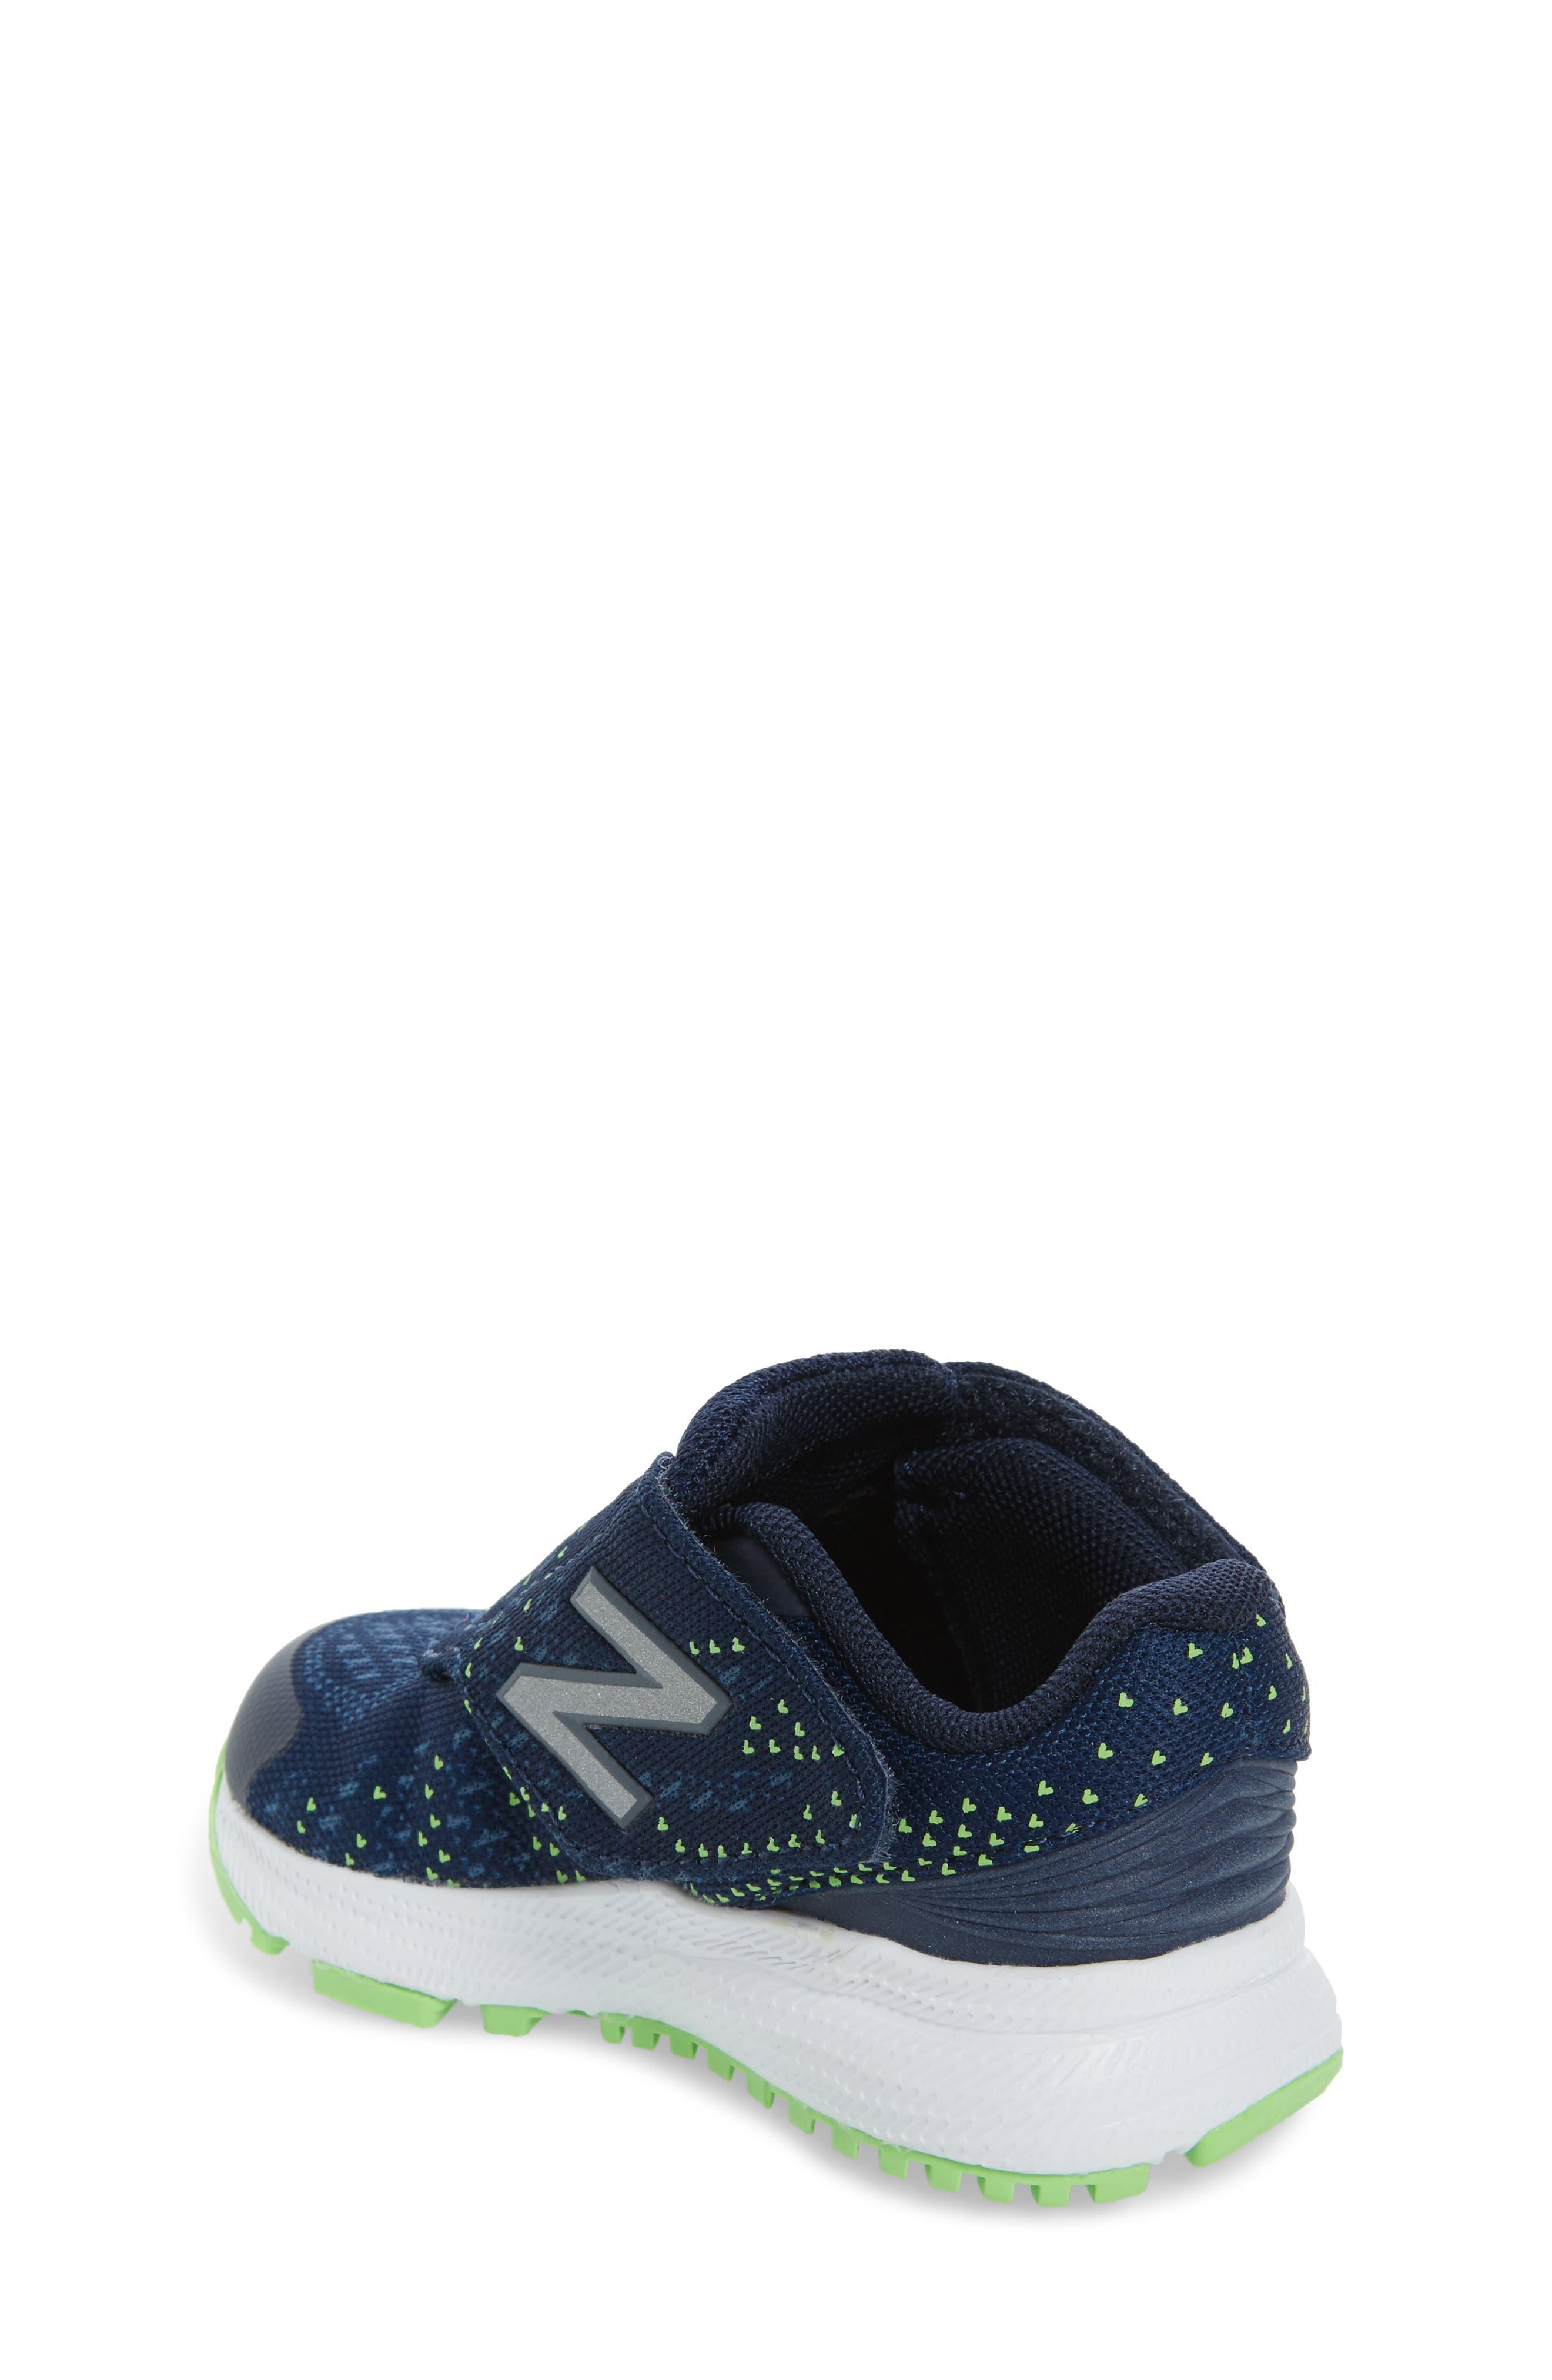 Alternate Image 2  - New Balance FuelCore Rush v3 Sneaker (Baby, Walker, Toddler & Little Kid)